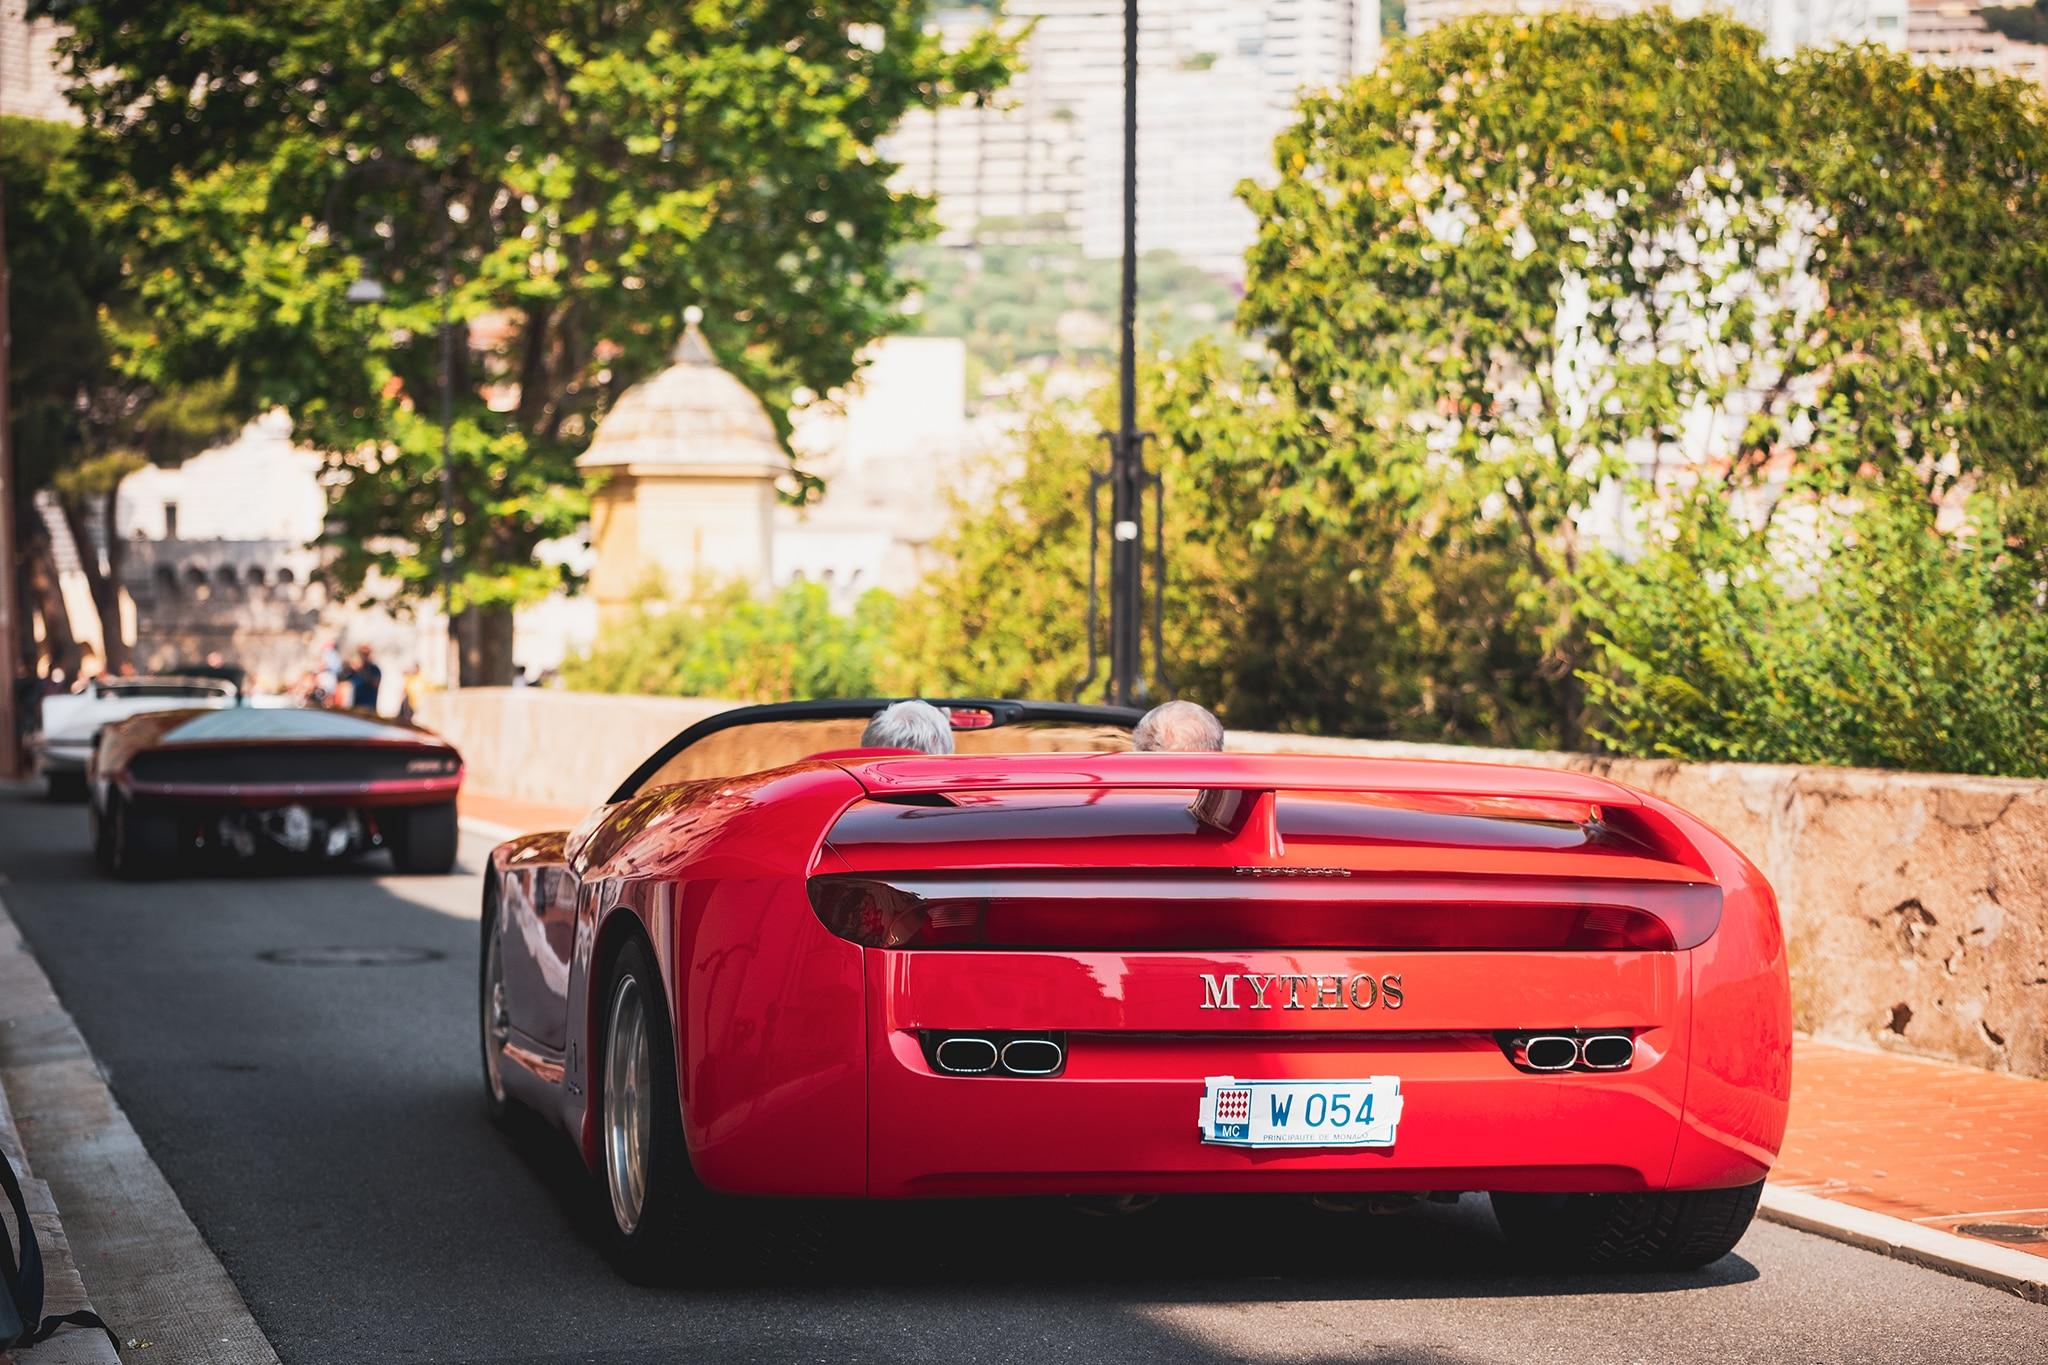 Ferrari_Mythos_Monaco_0009